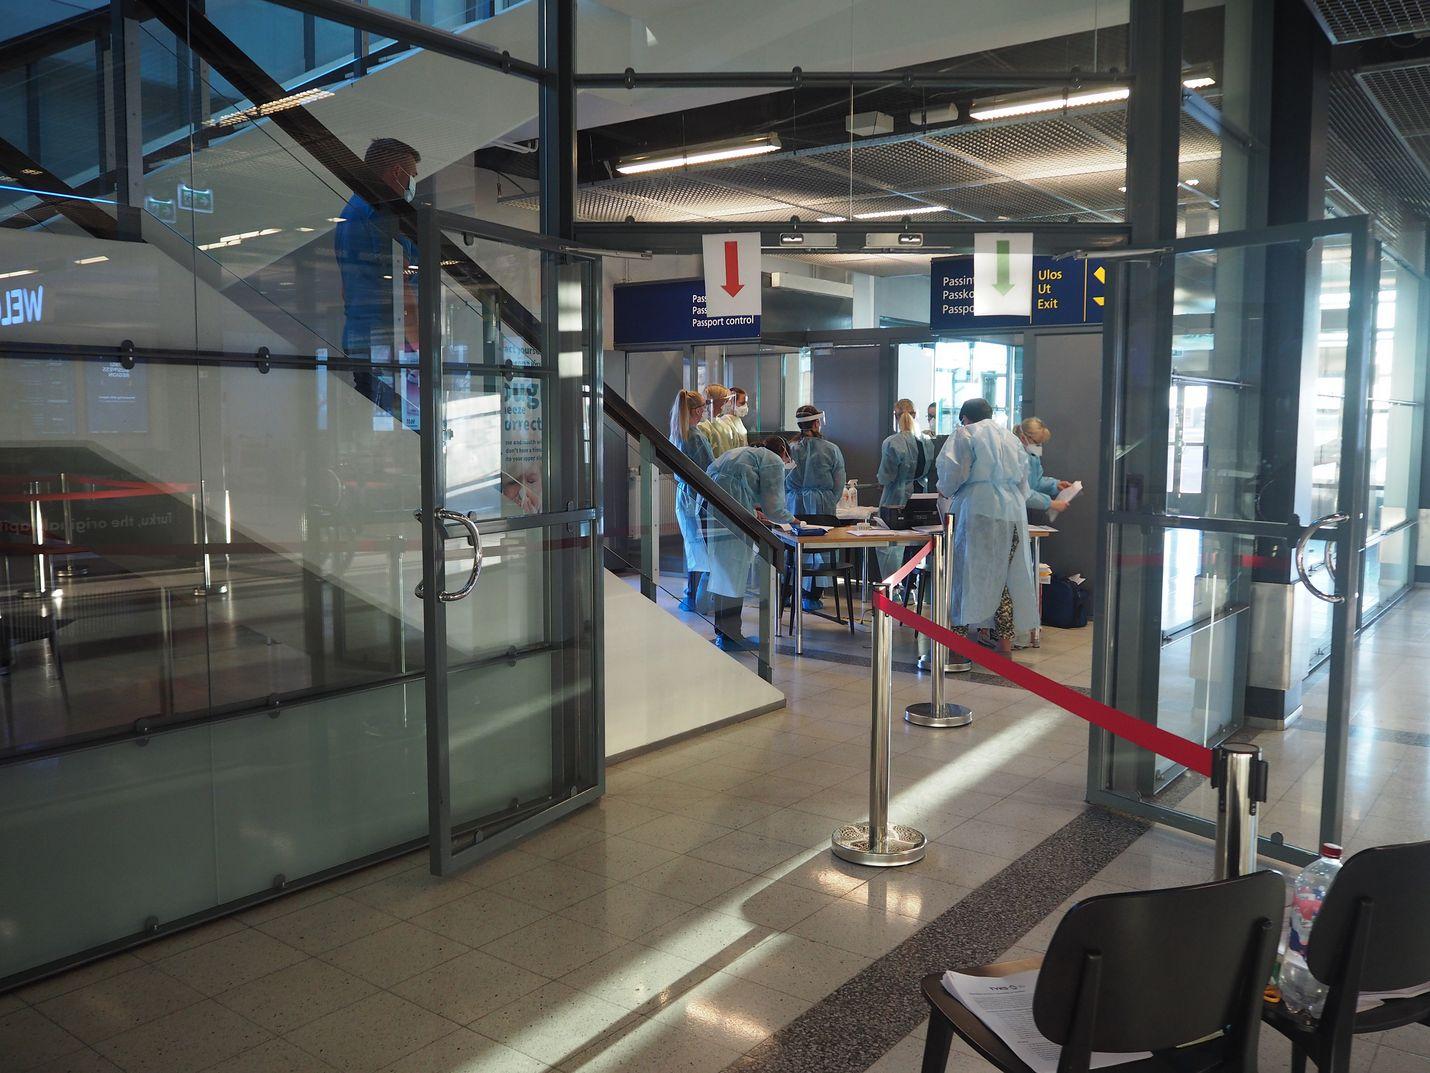 Turun kaupunki ja Varsinais-Suomen sairaanhoitopiiri ennakoivat koronaviruksen tulon ilmateitse ja testasivat lauantaina kaikki matkustajat Skopjesta Turun lentoasemalla.